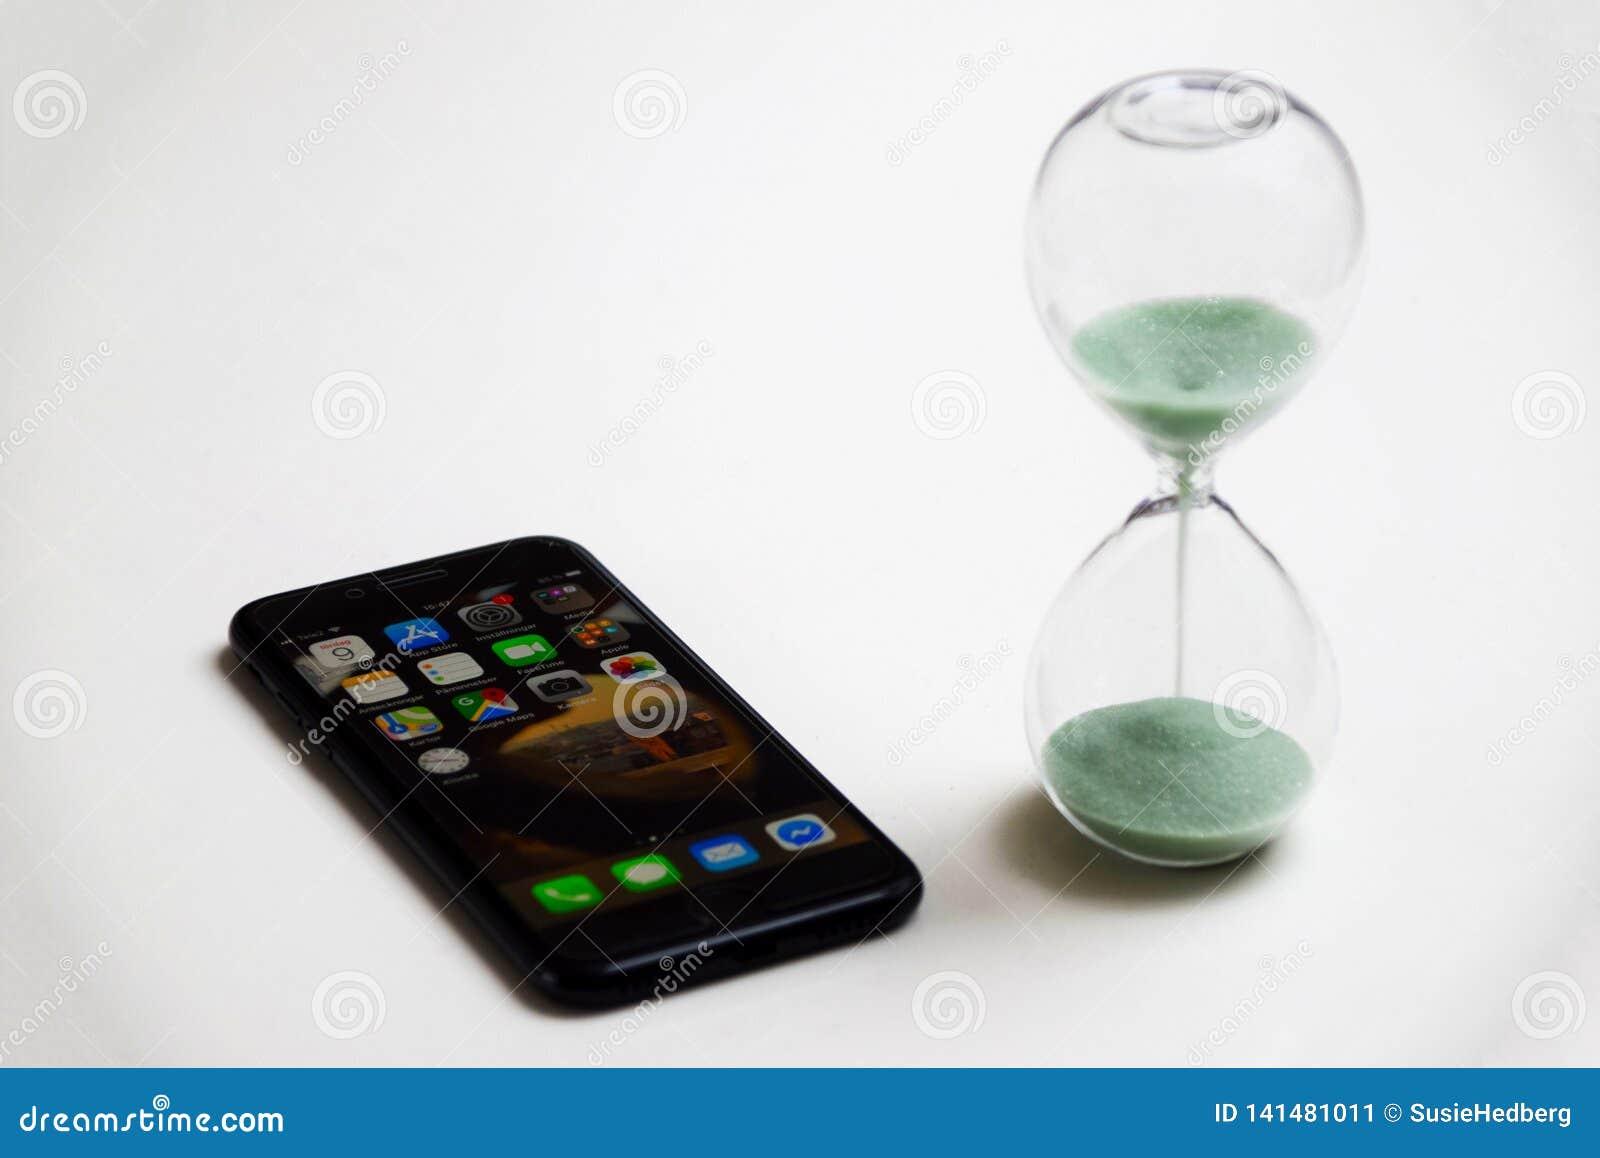 Begrenzen Sie die Zeit, die am intelligenten Telefon verbracht wird